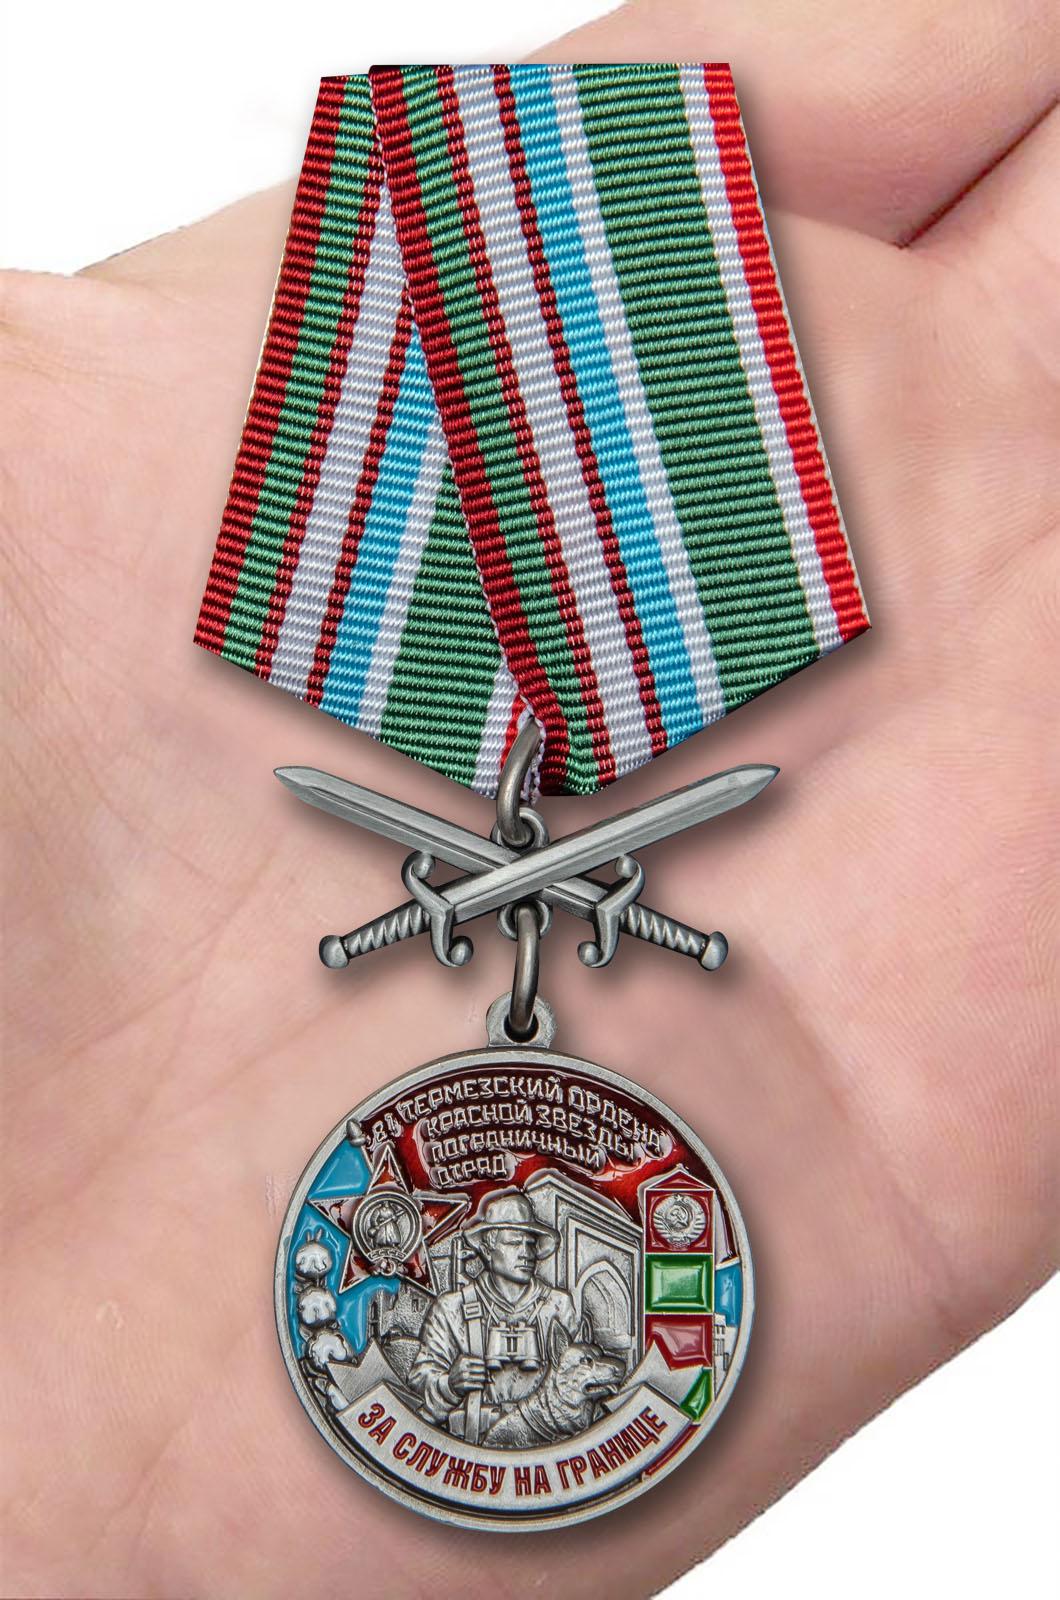 Памятная медаль За службу в Термезском пограничном отряде - вид на ладони